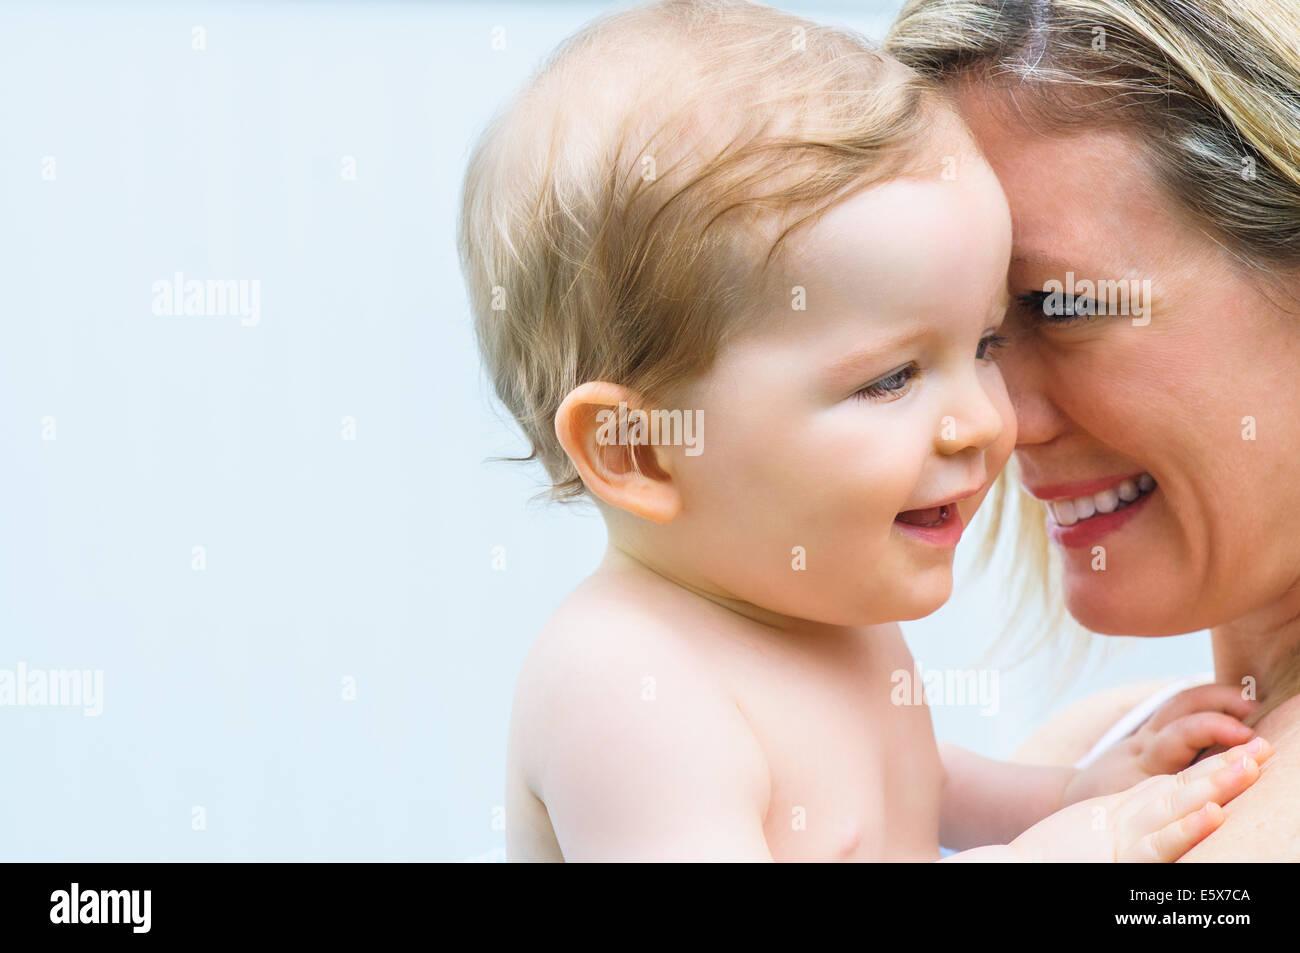 Retrato de licitación a mediados de adulto a la madre y al bebé niña Imagen De Stock